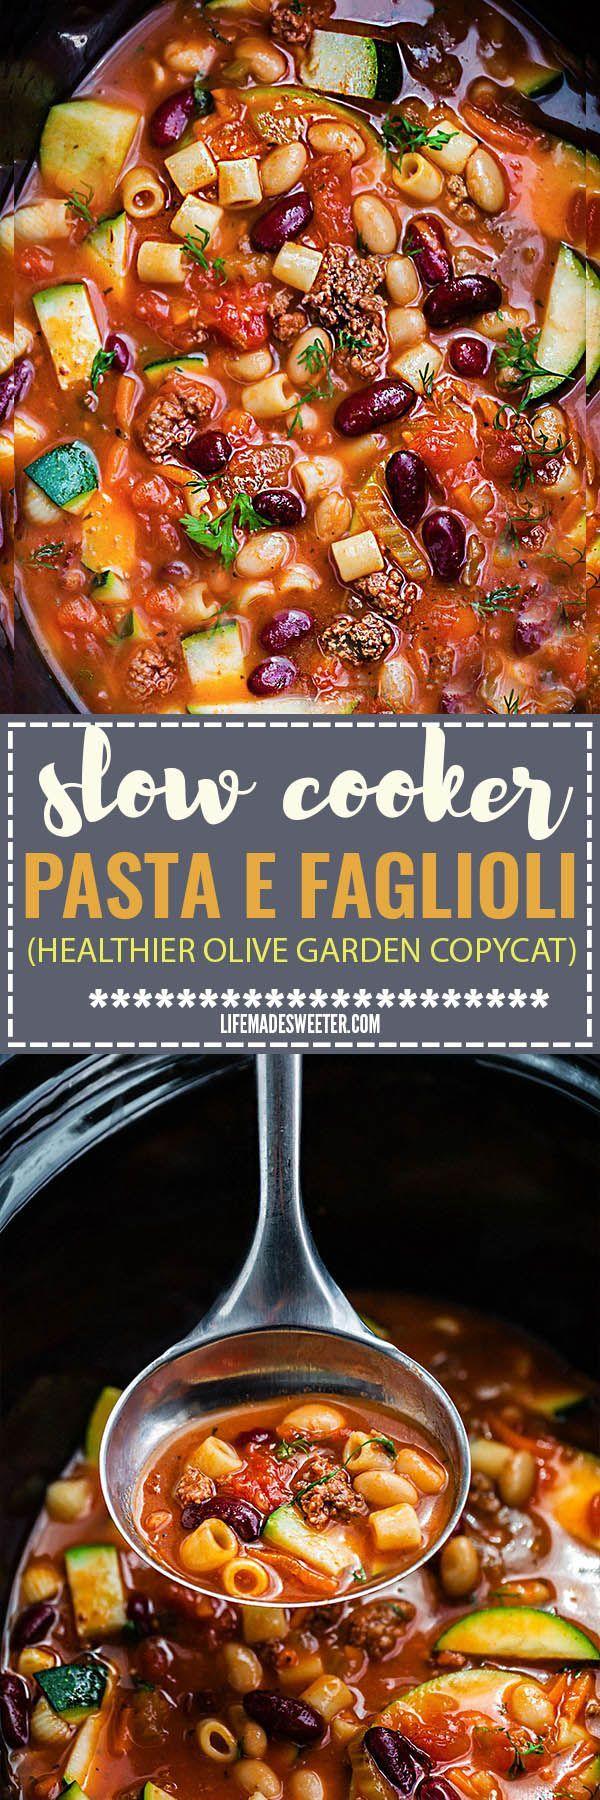 25 Best Ideas About Pasta E Fagioli On Pinterest Pasta Fagioli Soup Recipe Pasta E Fagioli